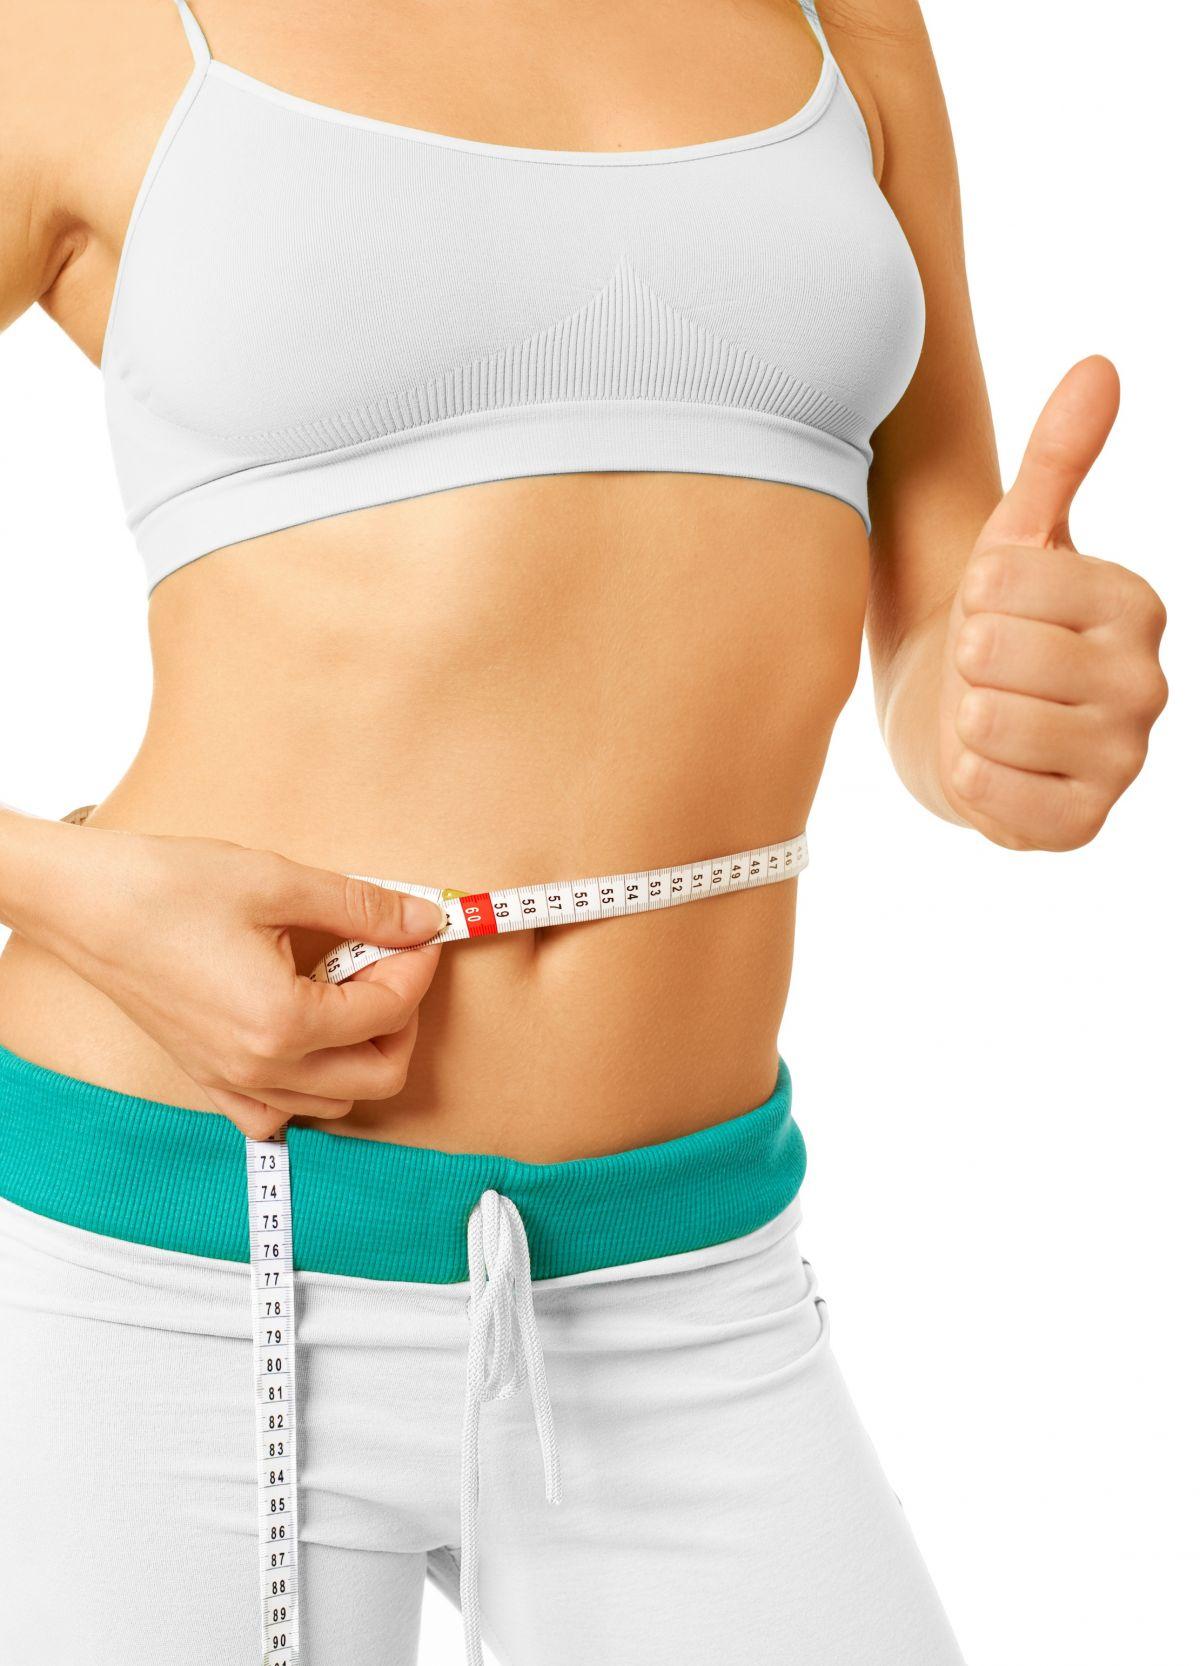 как убрать жир на животе ютуб